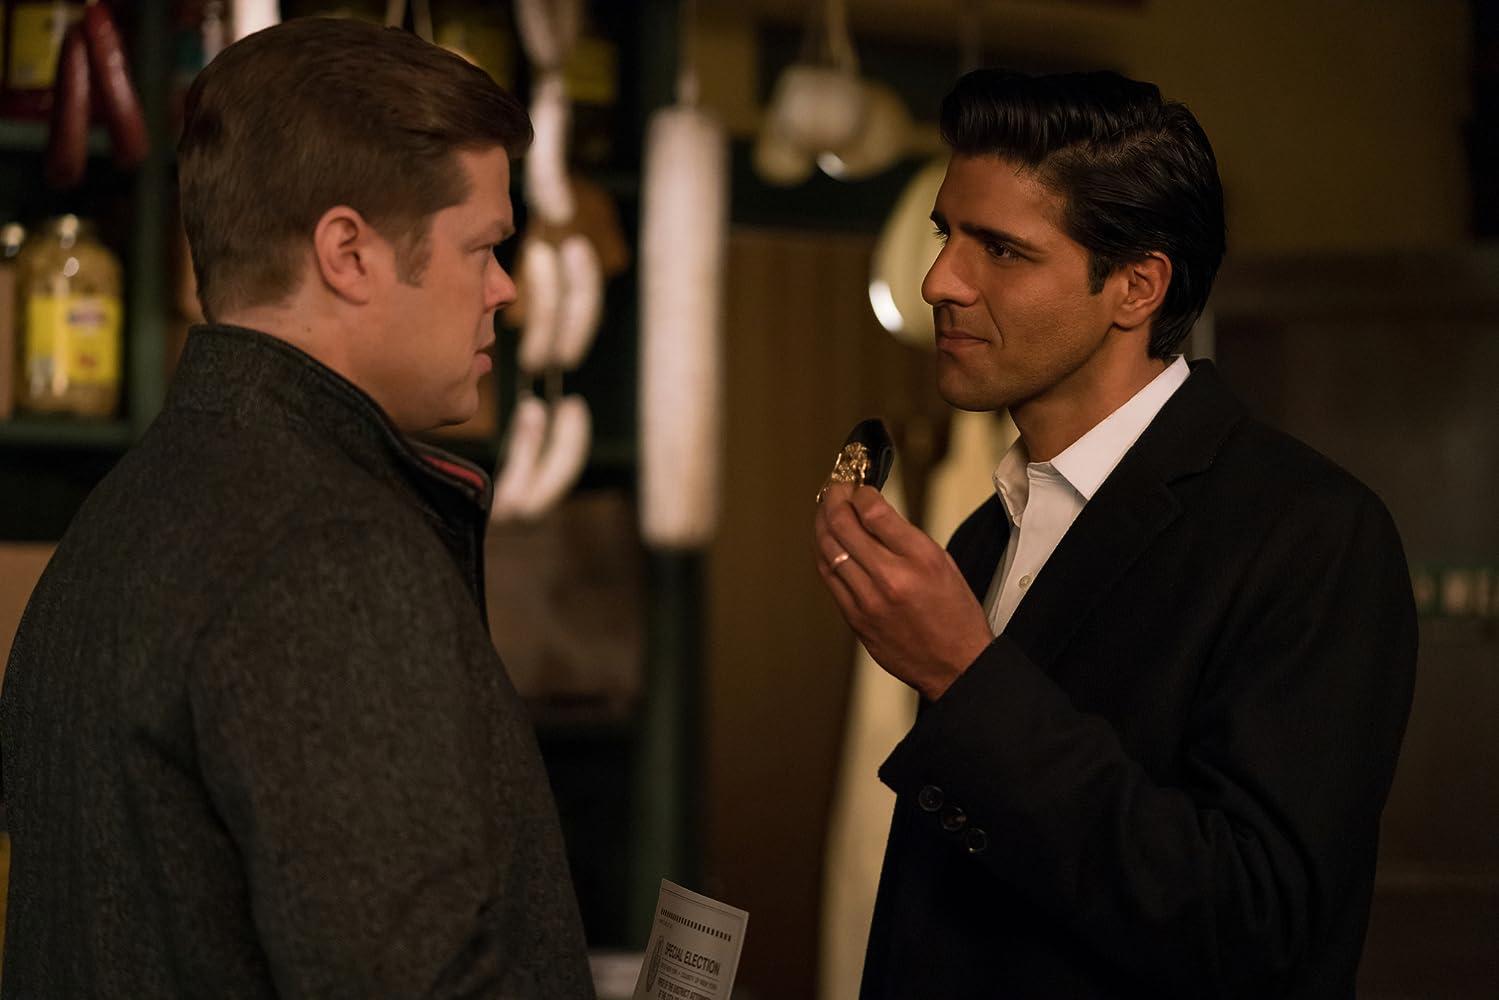 Elden Henson and Jay Ali in Daredevil (2015)